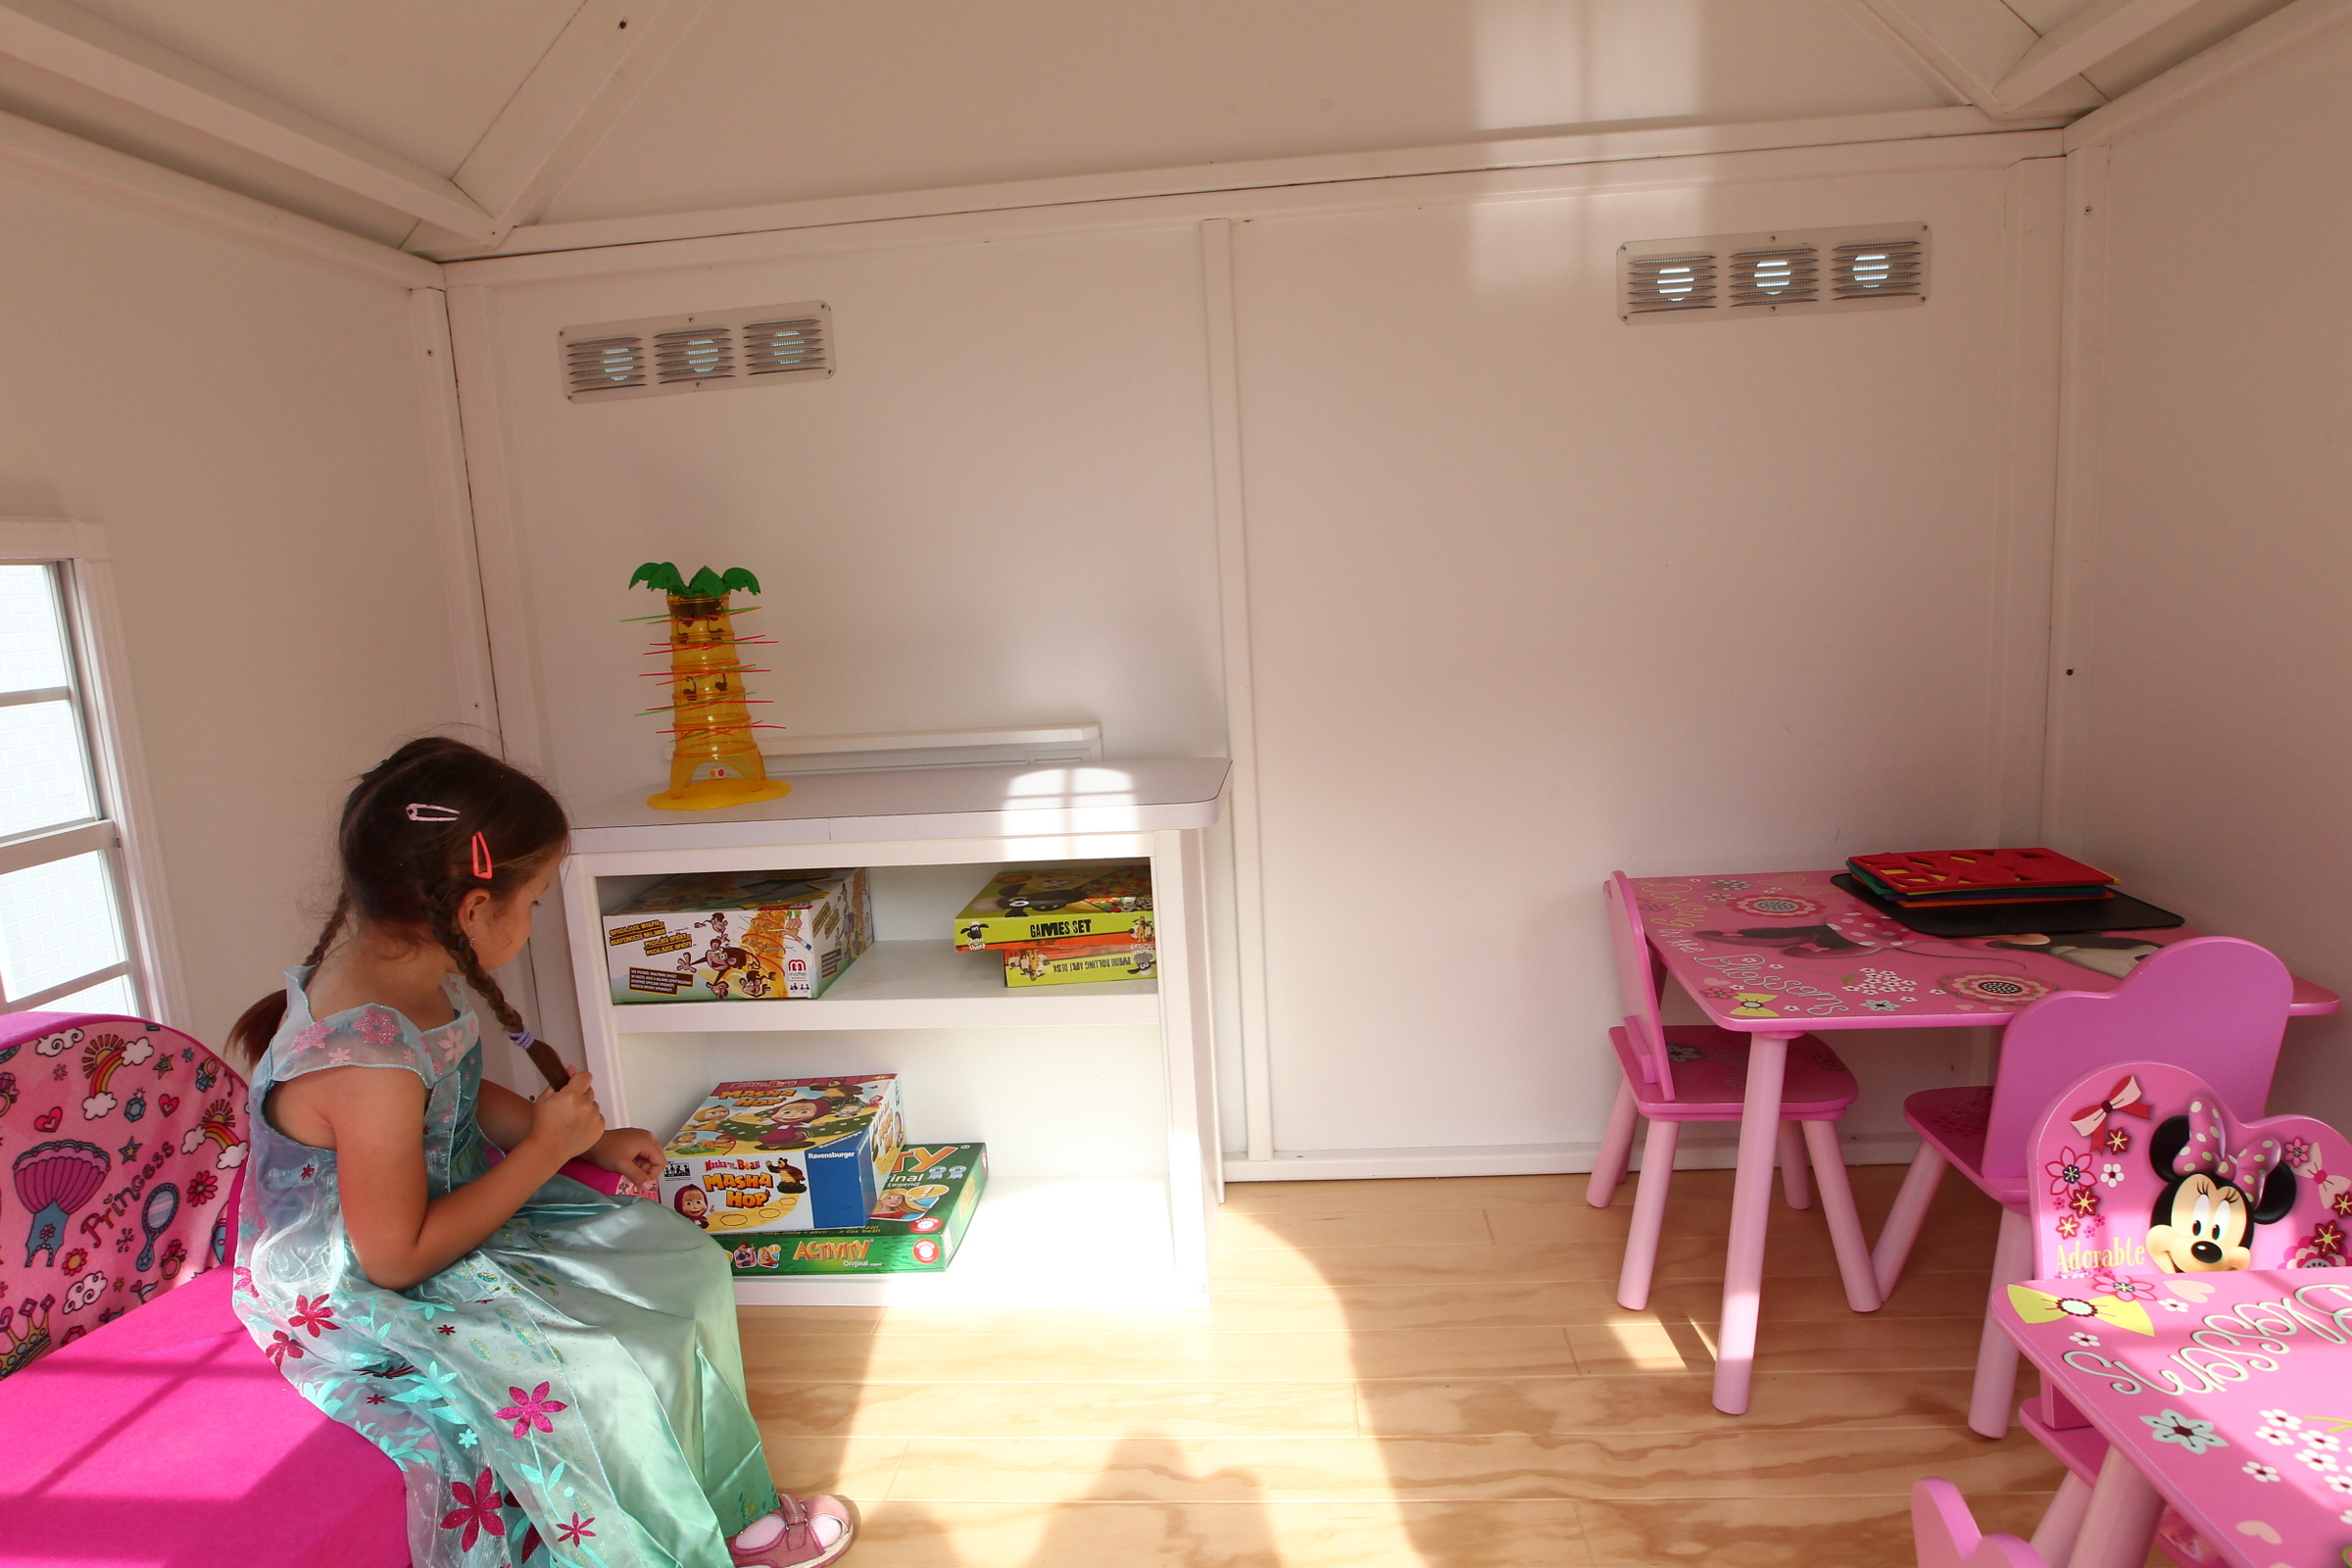 Dievčatko sedí na stoličke v detskej dievčenskej izbe v Hlavnom meste detí